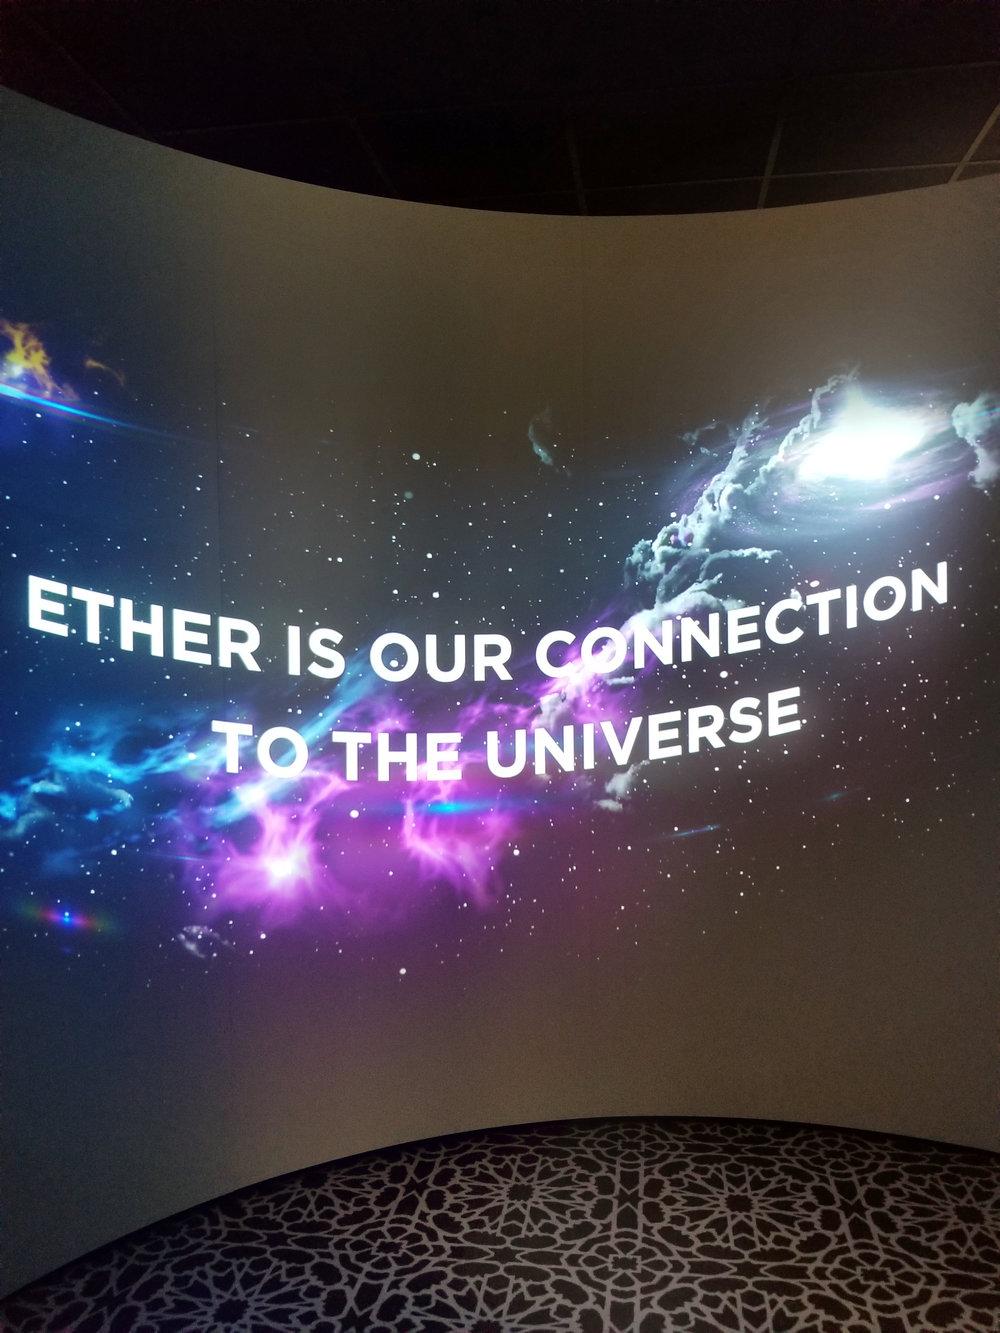 Ether Exhibit